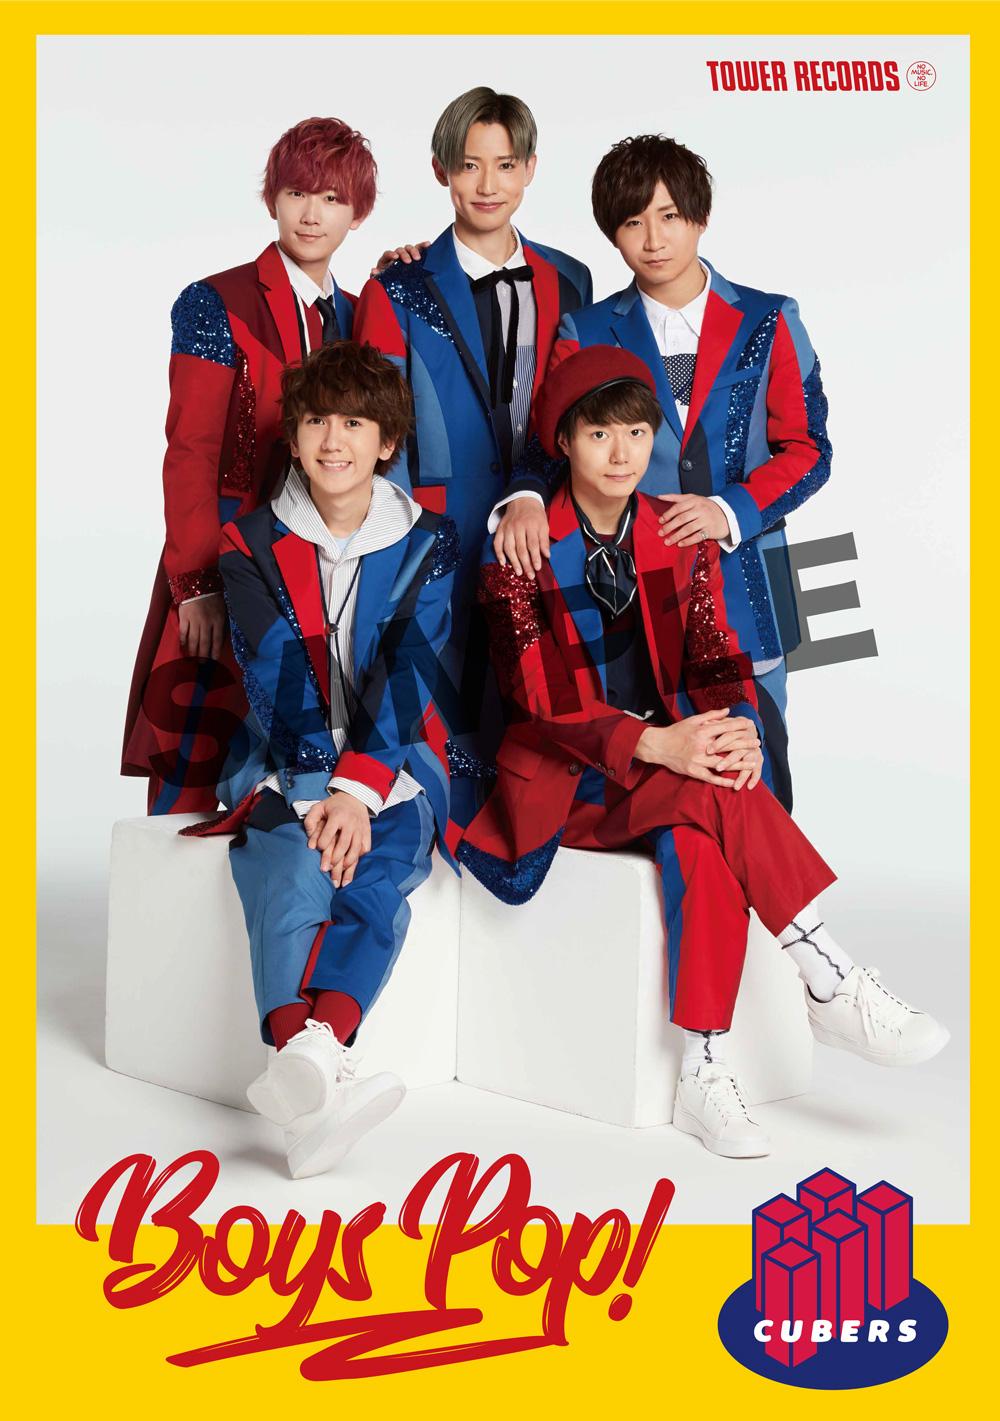 ★☆タワーレコードによるボーイズ・グループ大PUSH企画『BOYS POP!』 第25弾アーティストにCUBERSが決定★☆